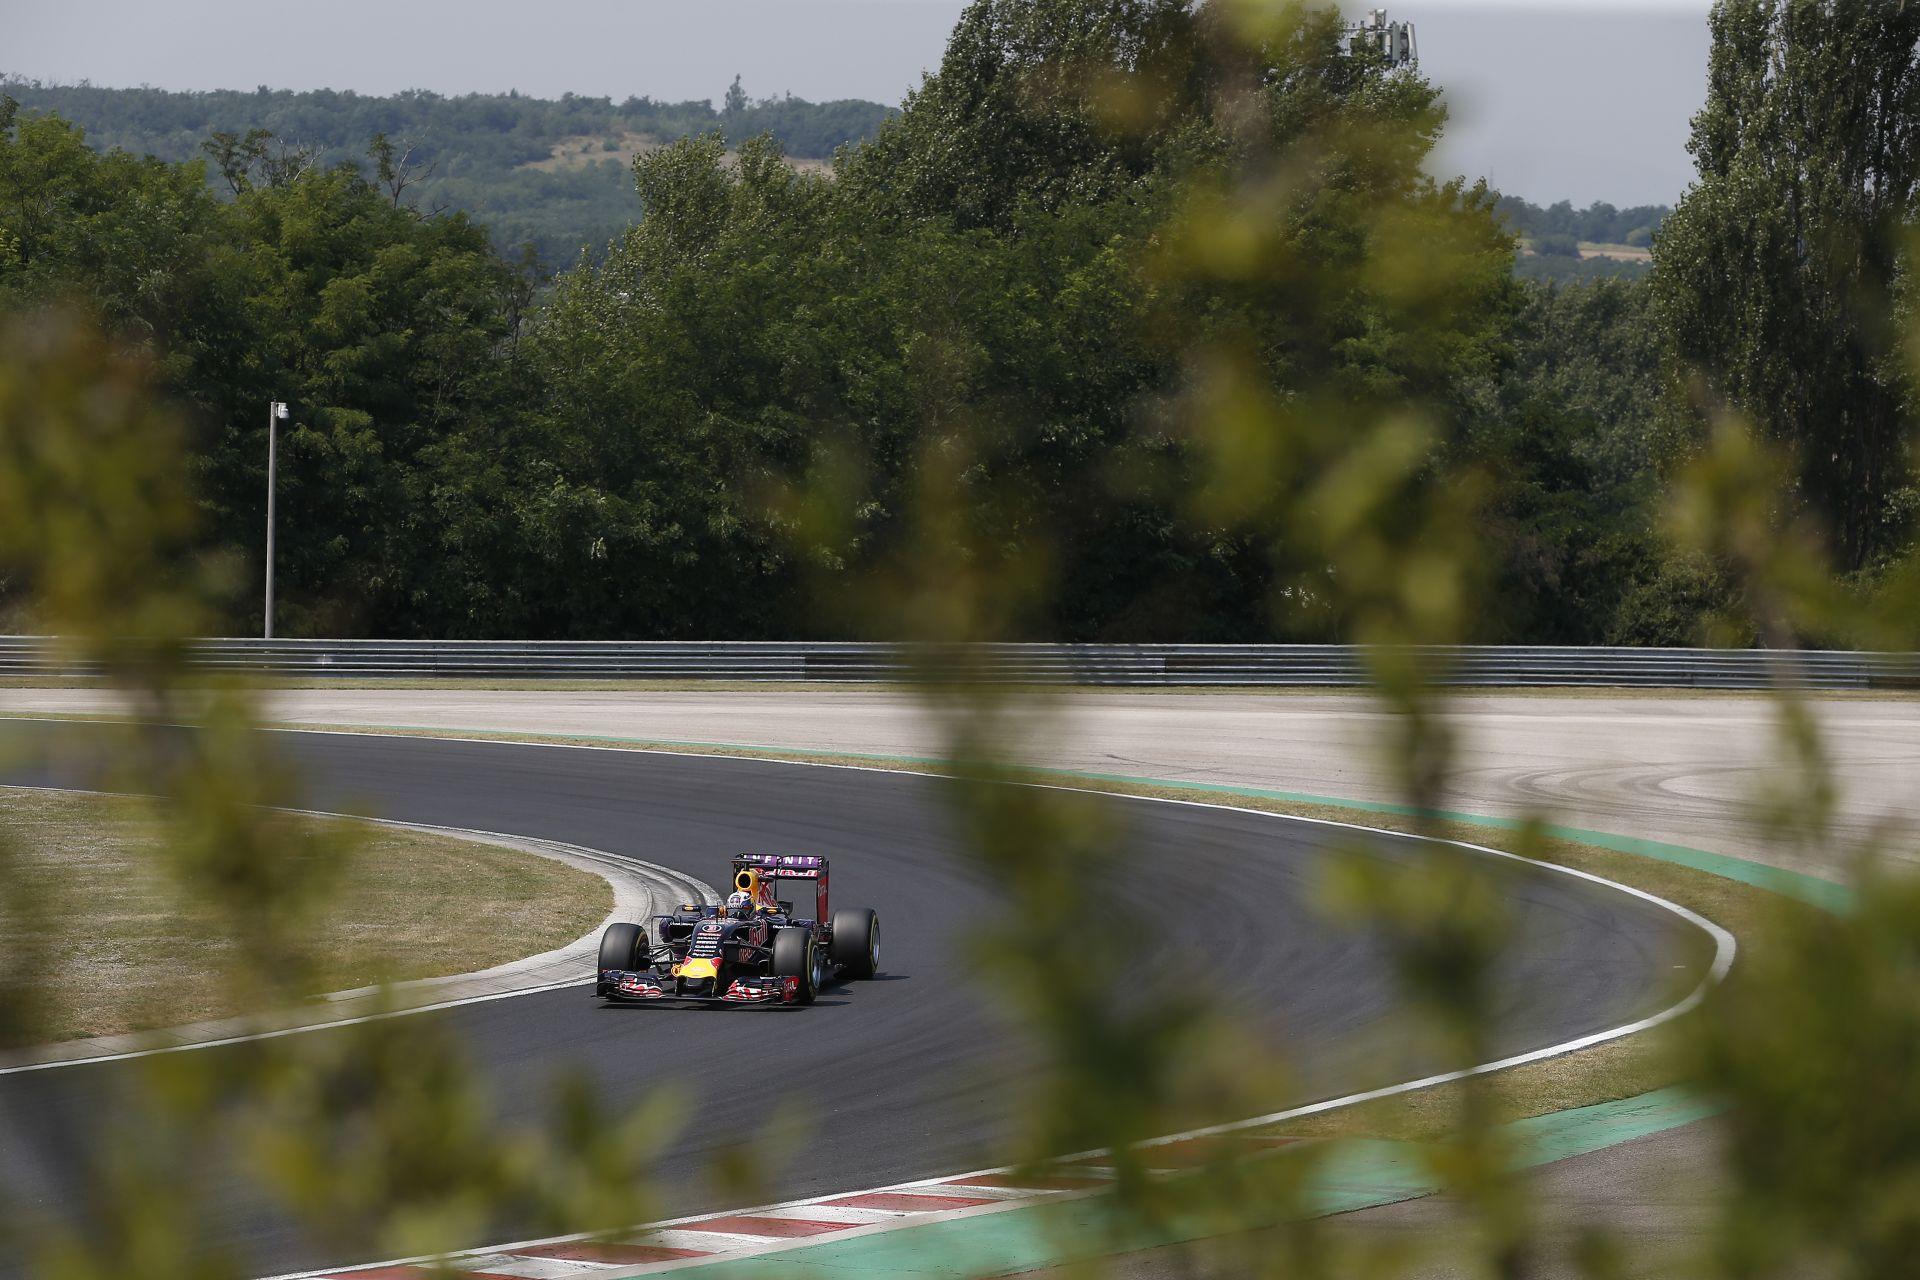 Red Bull: Briliáns! Hungaroring, köszönjük a kettős dobogós helyezést!